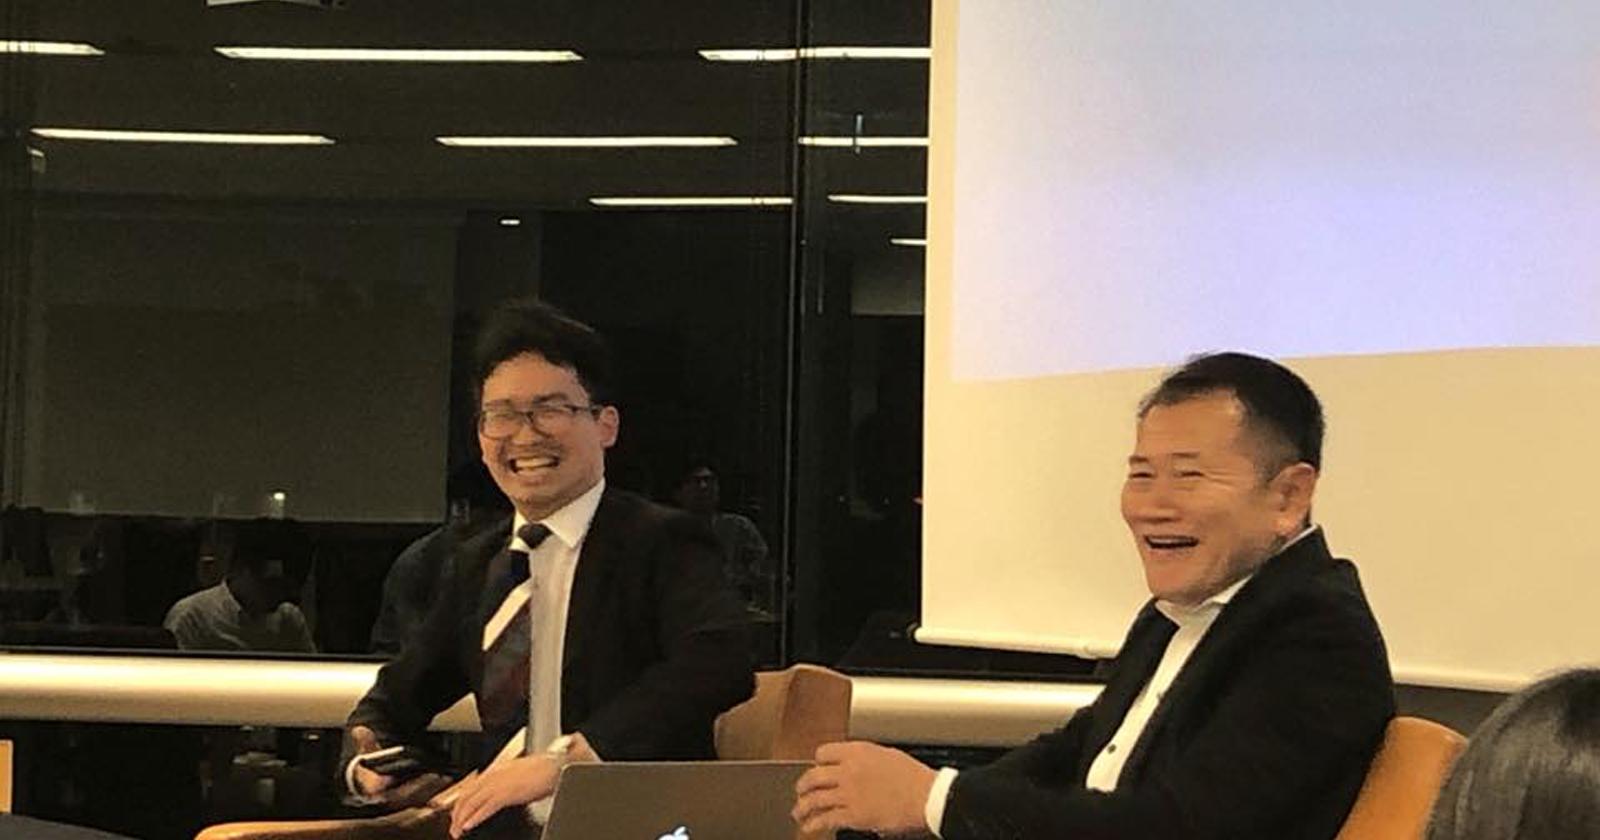 インキュベイトファンド赤浦氏をお招きし「シードVC一筋19年!インキュベイトファンド赤浦氏が話す、ベンチャーキャピタリストへの道」完全招待制イベントを開催しました!